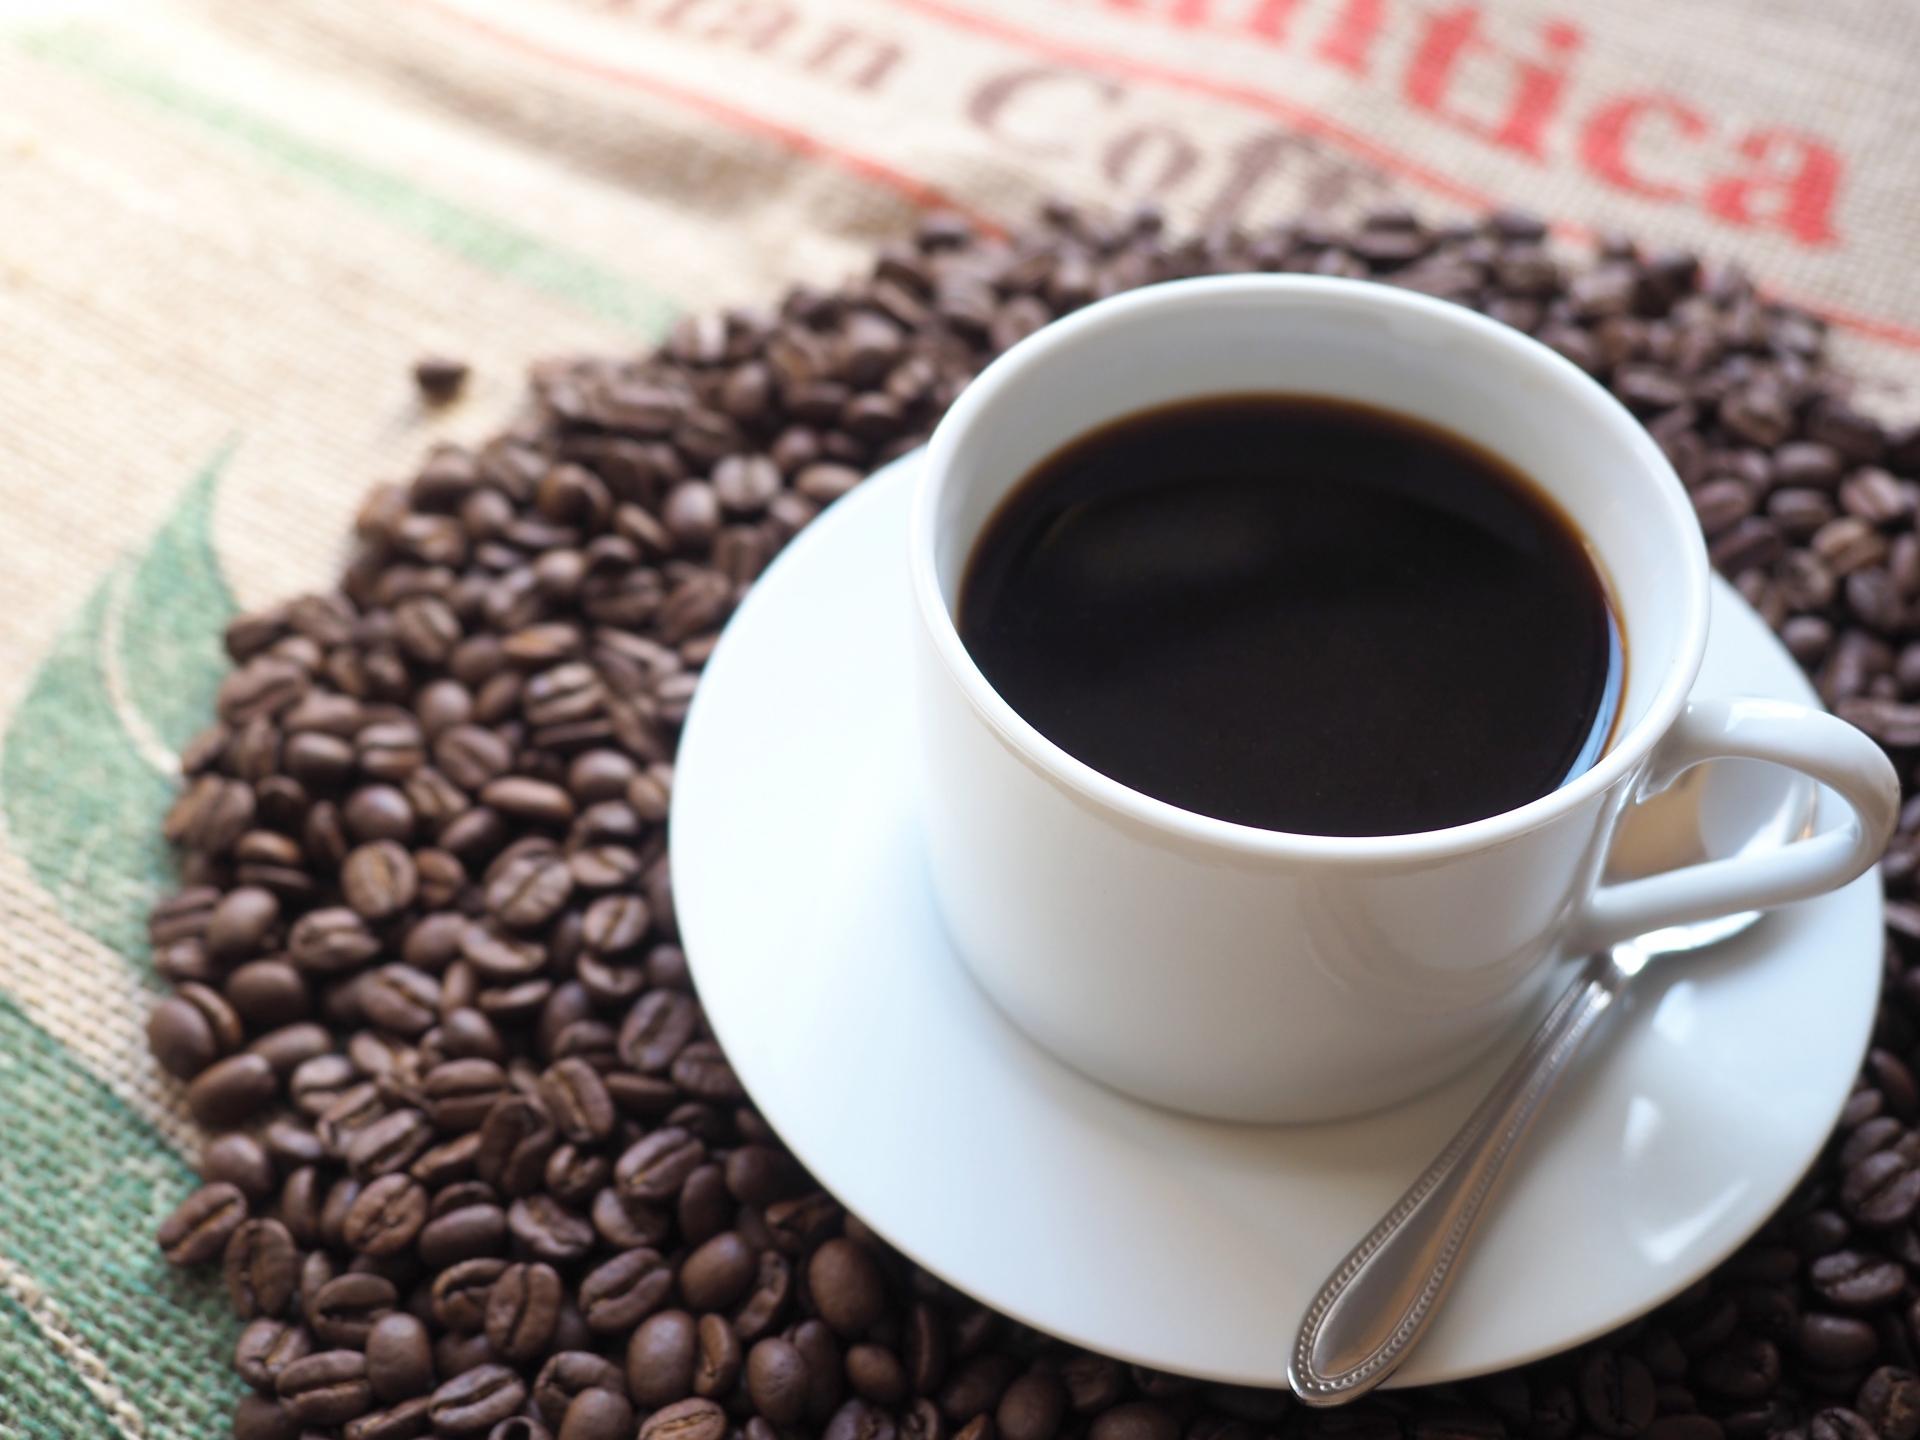 コーヒーが服に飛んでしまった その場でできる簡単な染抜き方法を教え